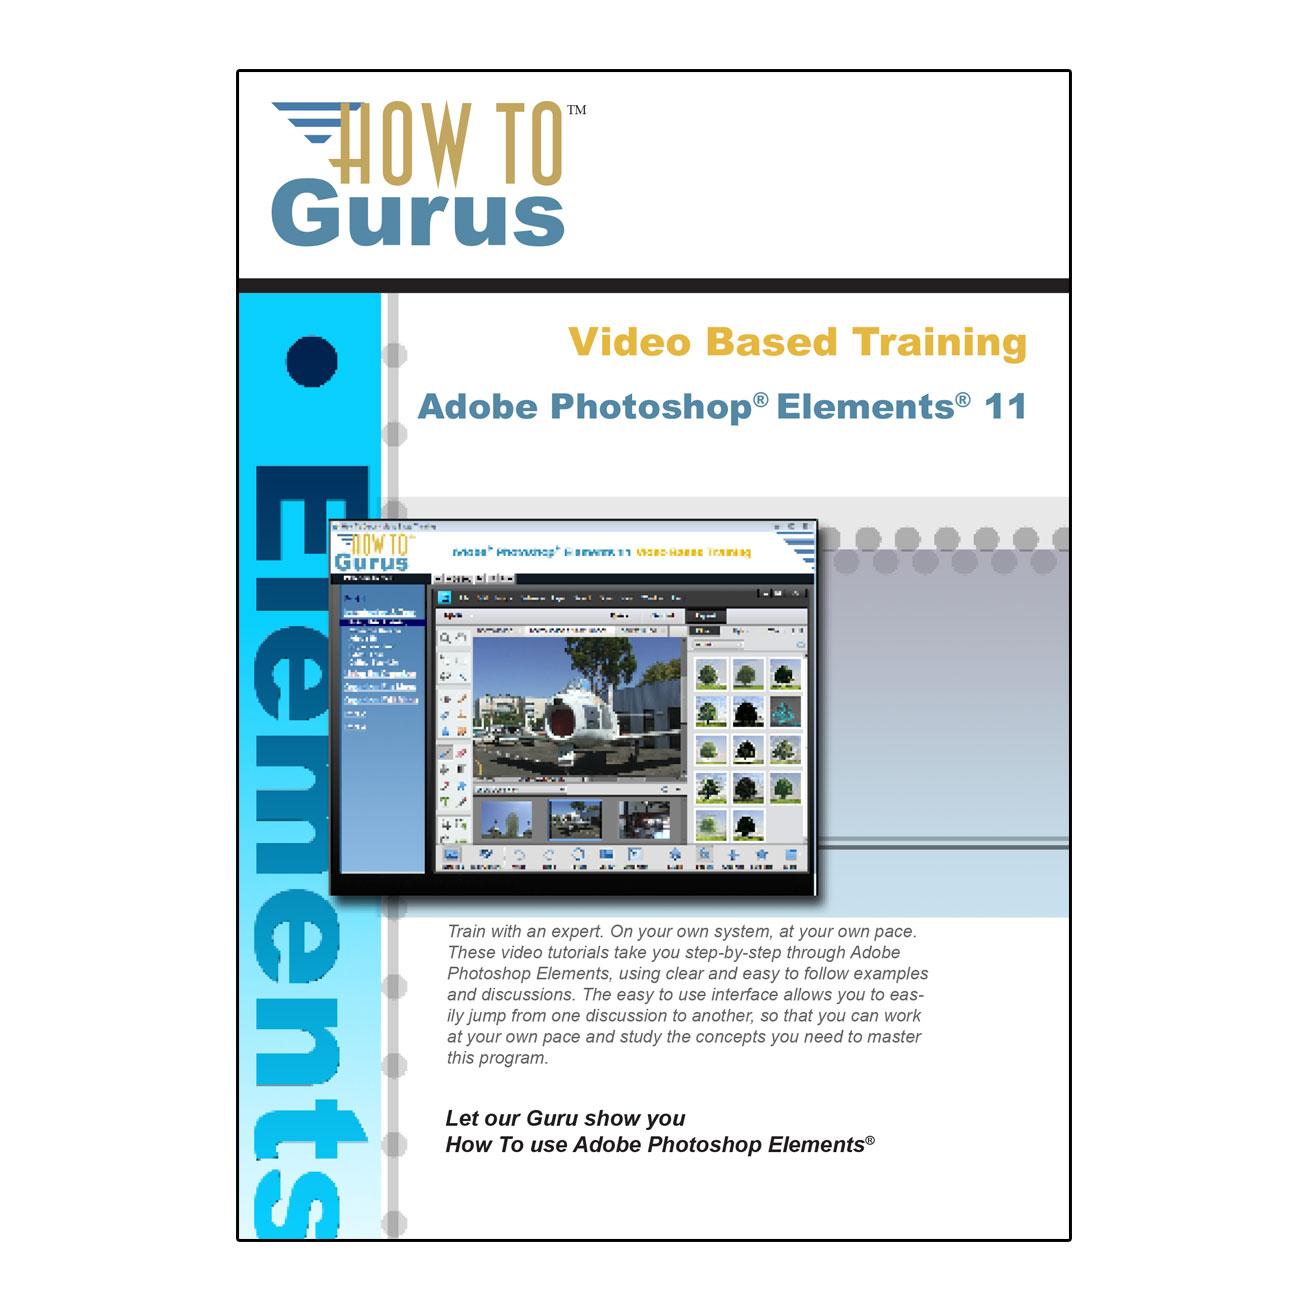 Photoshop elements 11 online course how to gurus baditri Choice Image